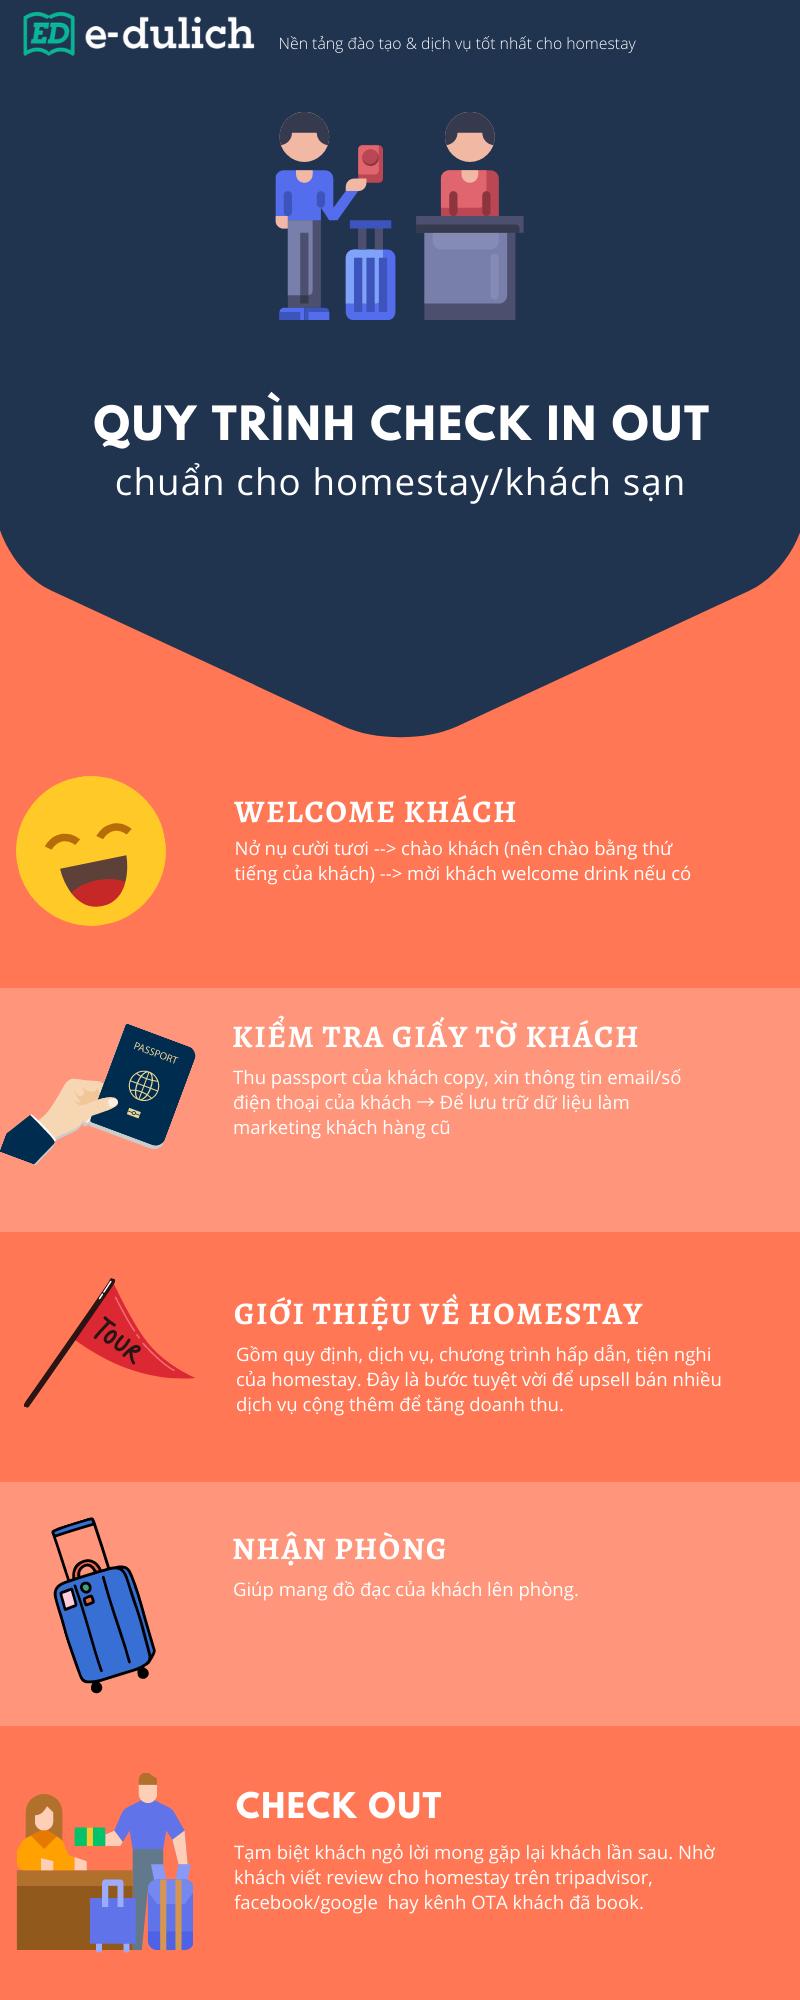 Infographic quy trình check in out homestay khách sạn